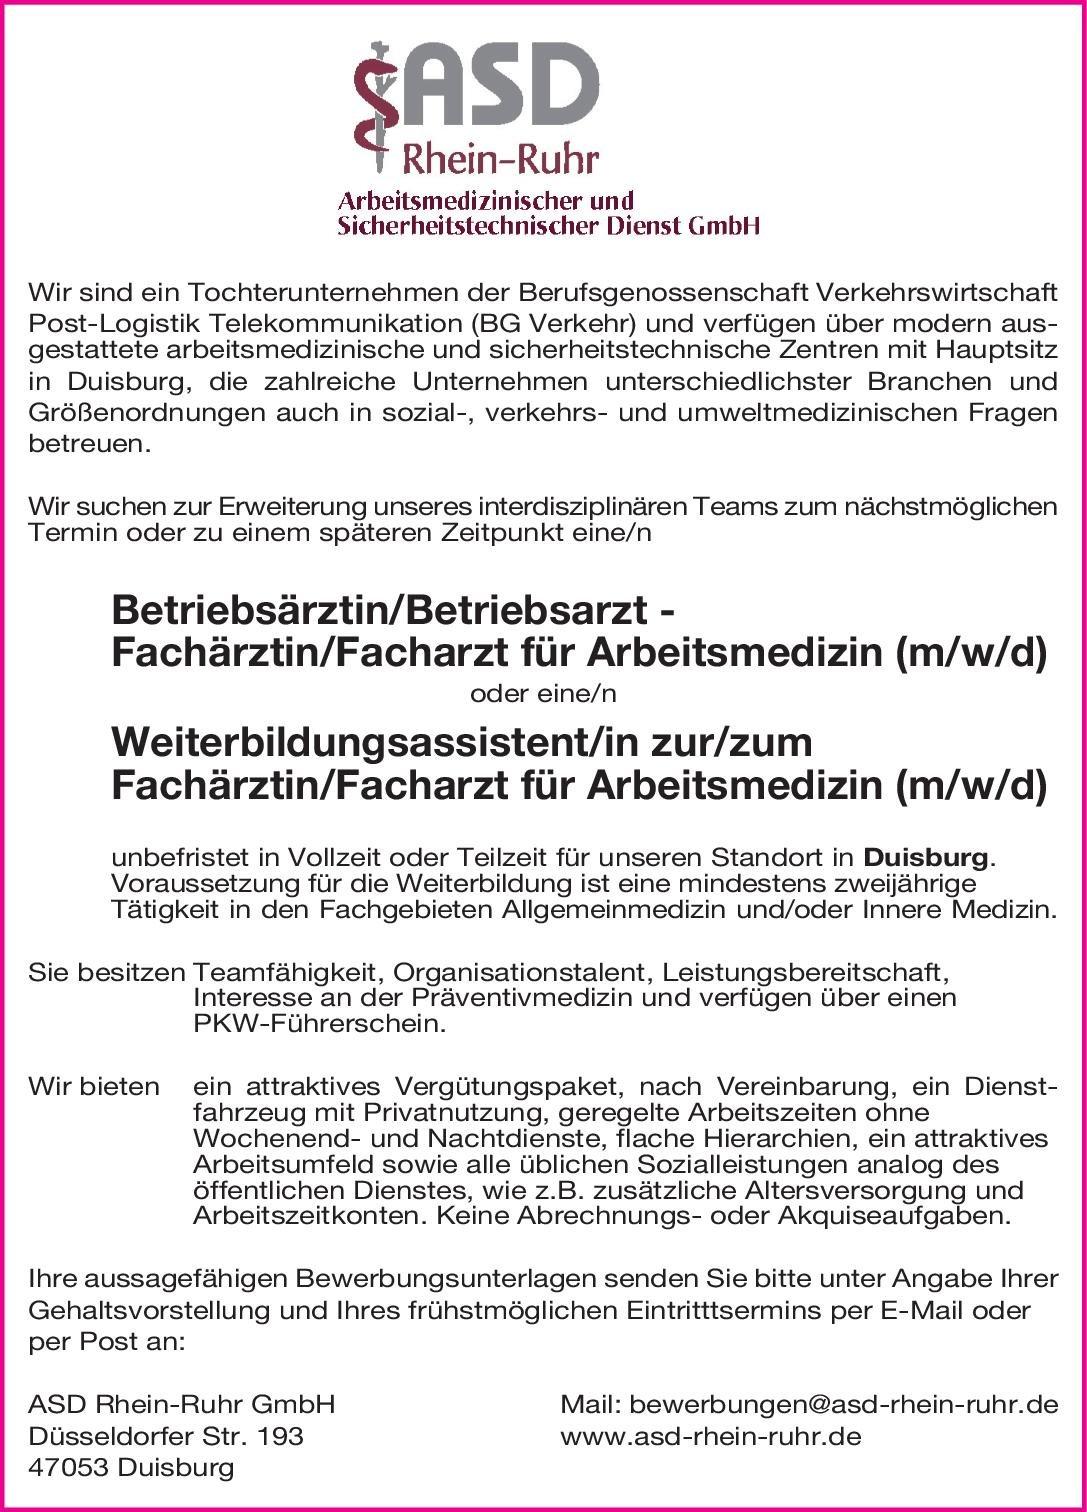 ASD Rhein-Ruhr GmbH Betriebsärztin/Betriebsarzt - Fachärztin/Facharzt für Arbeitsmedizin (m/w/d) oder Weiterbildungsassistent/in zur/zum Fachärztin/Facharzt für Arbeitsmedizin (m/w/d) Arbeitsmedizin Arzt / Facharzt, Assistenzarzt / Arzt in Weiterbildung, Betriebsarzt